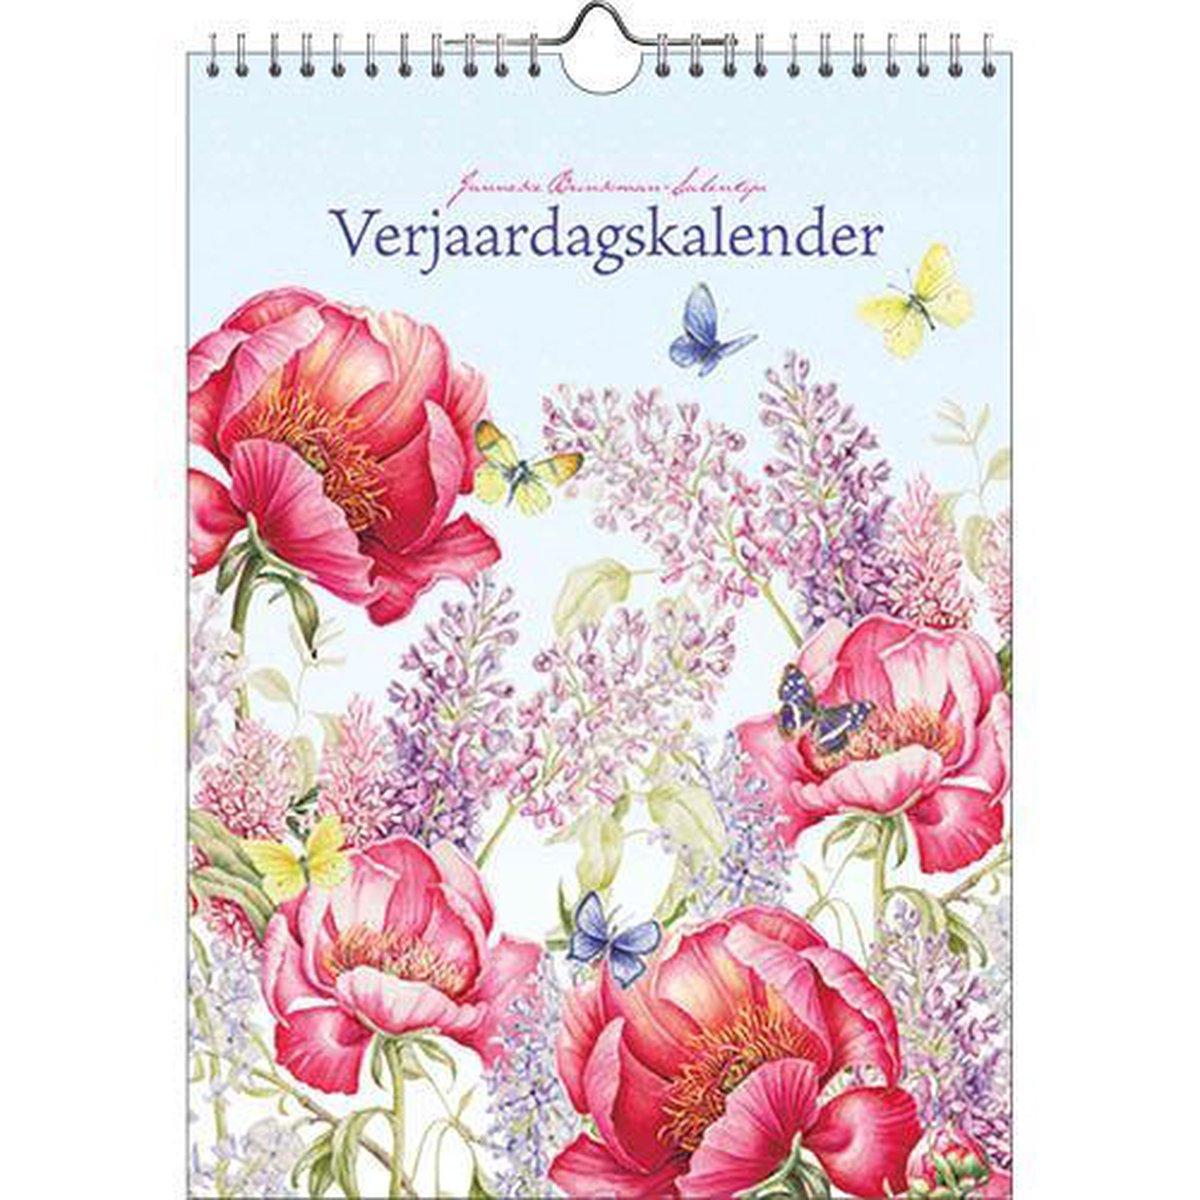 Janneke Brinkman 'Pioen' verjaardagskalender - Comello